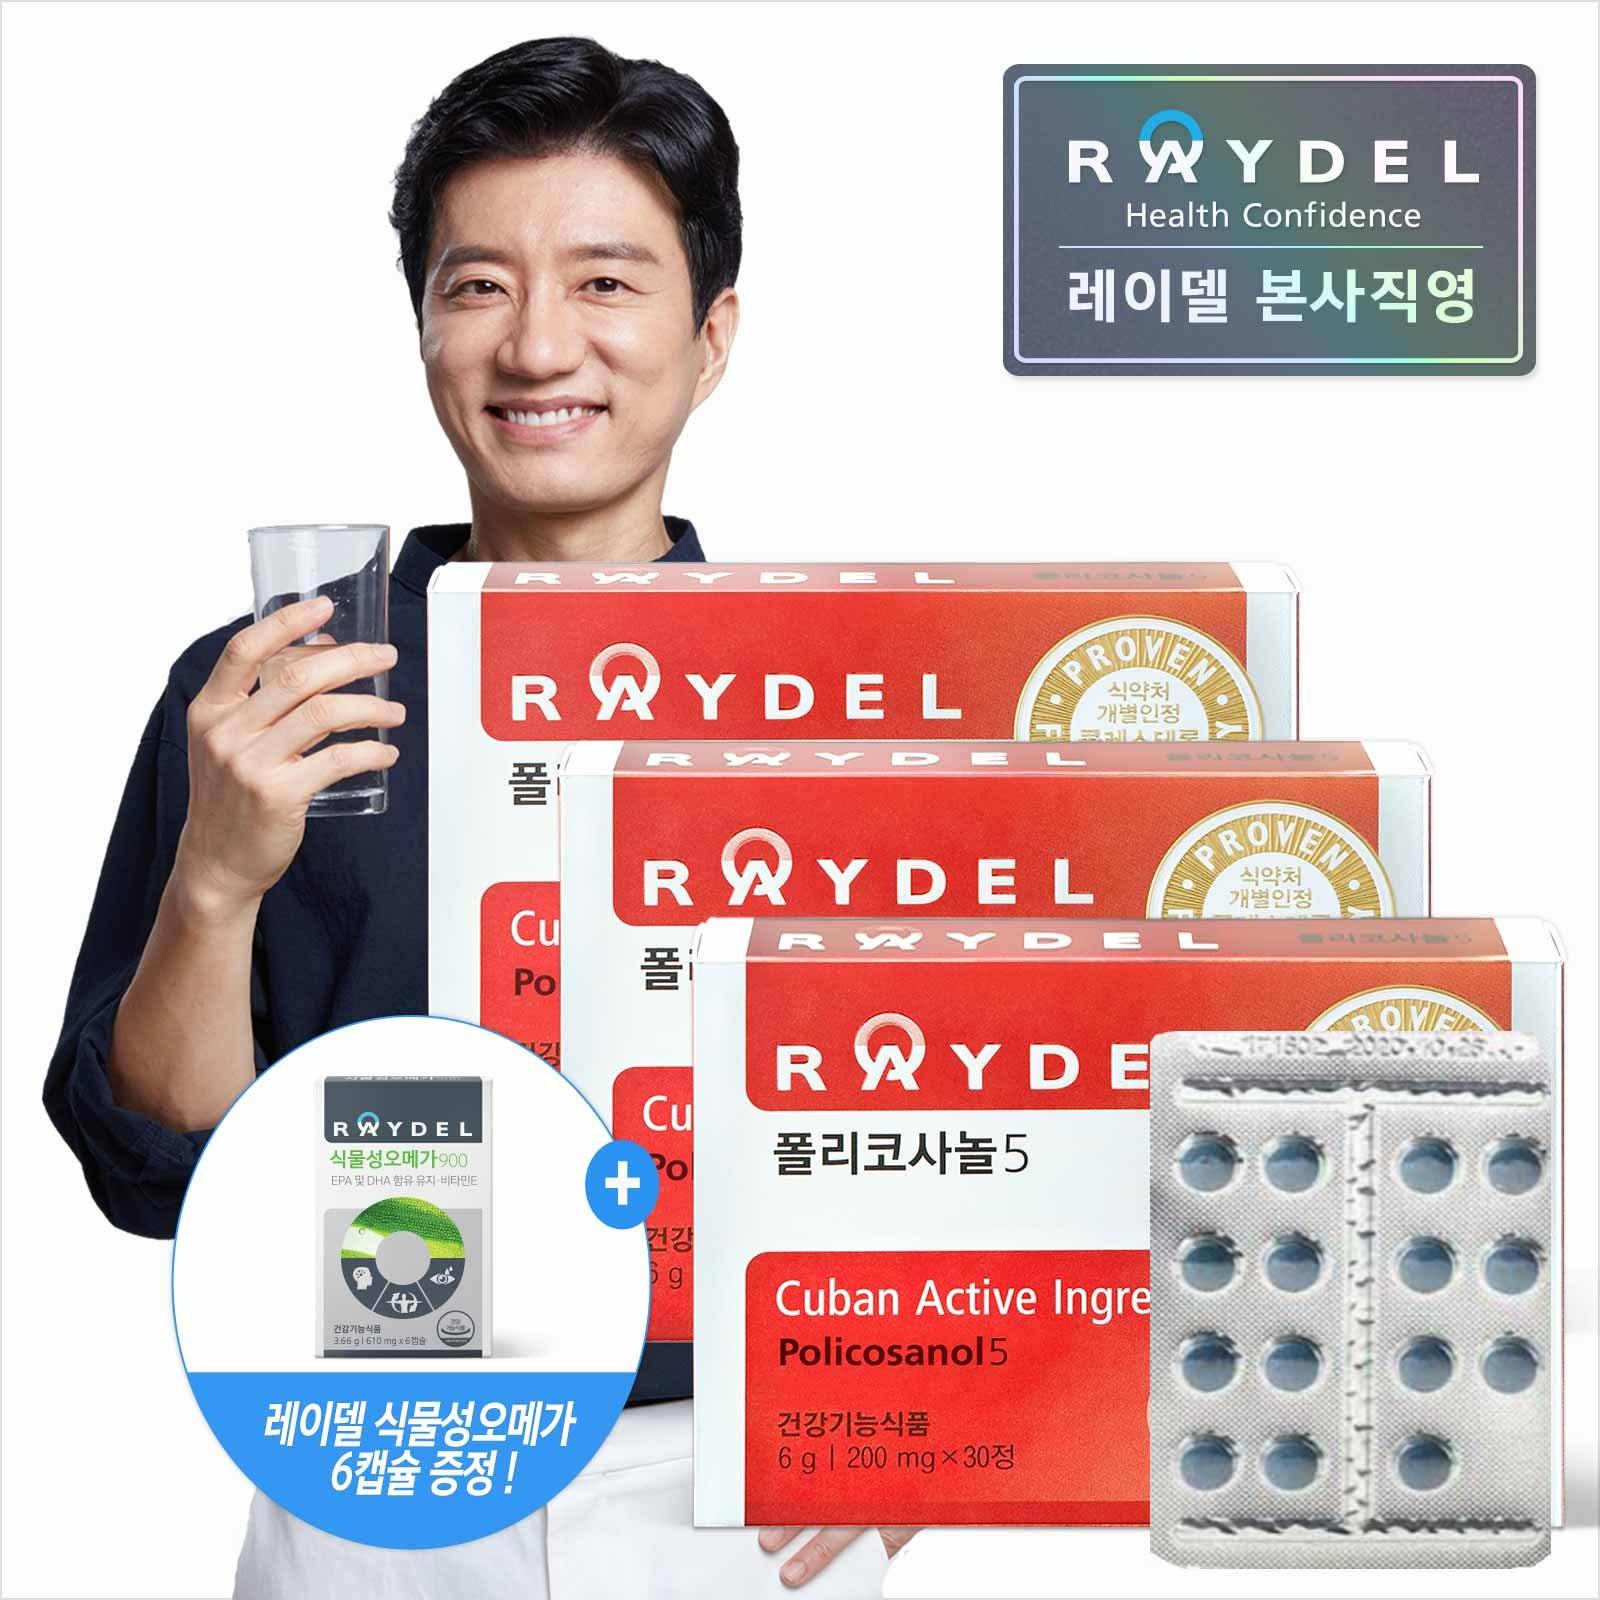 [본사직영] 레이델 폴리코사놀5 (30정) X 3개, 30정